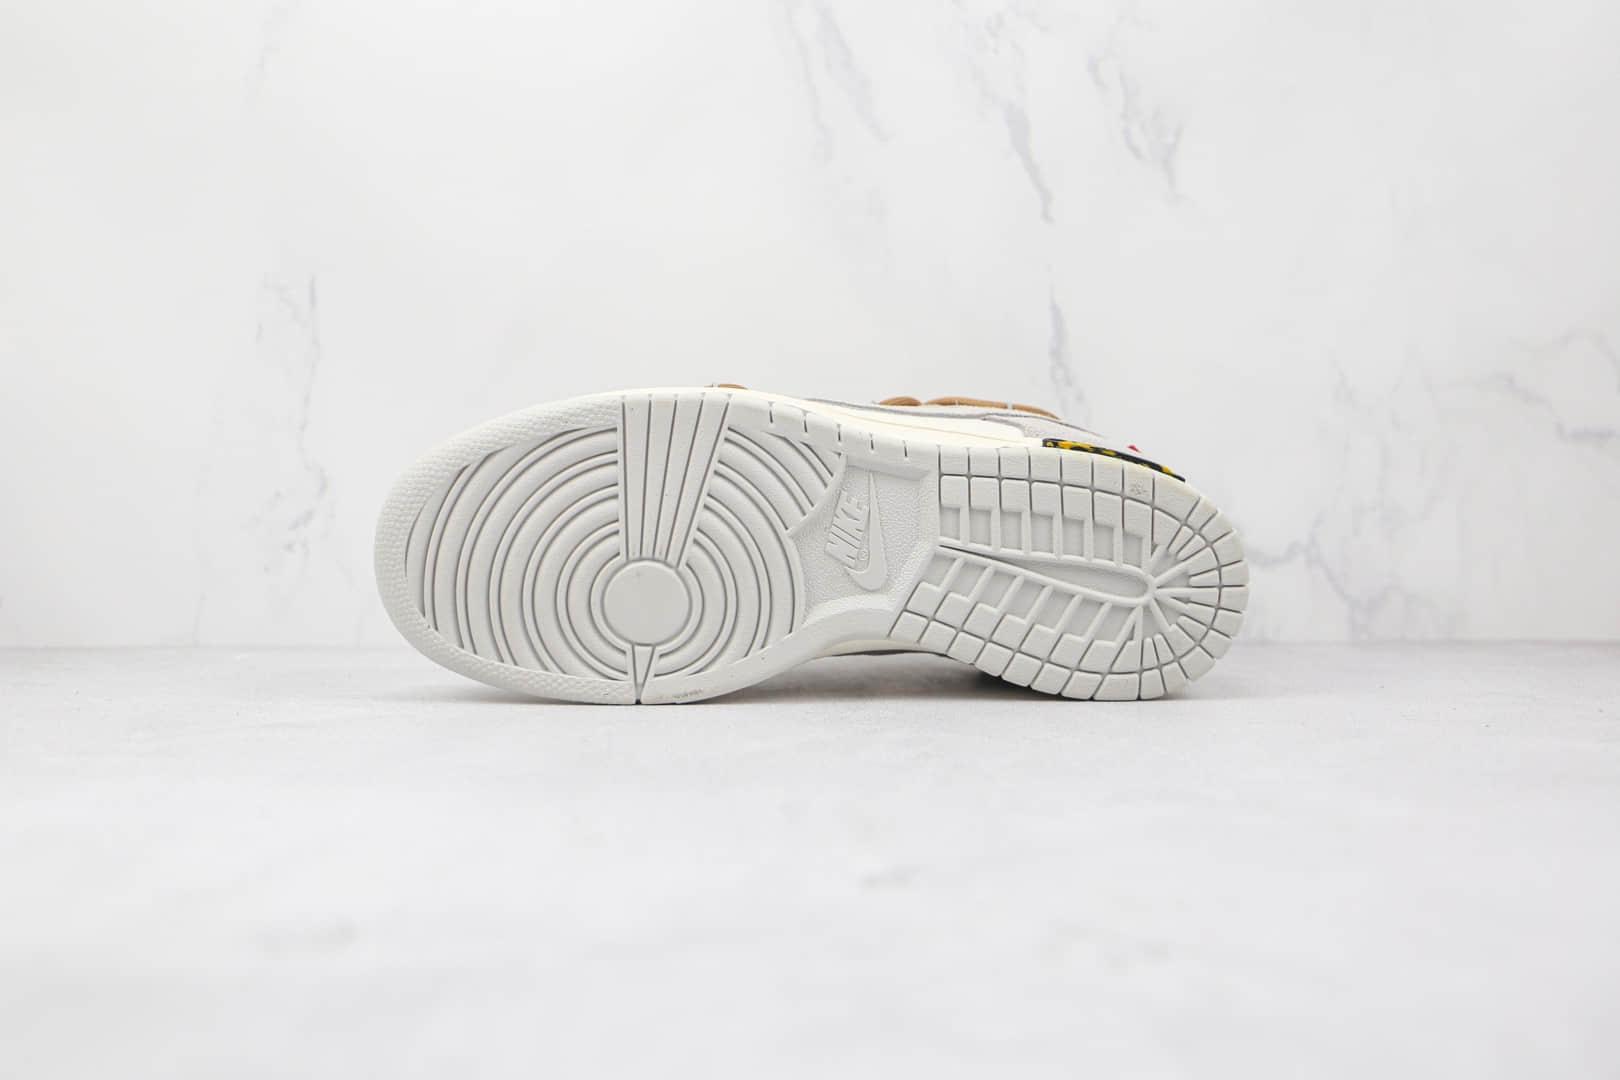 耐克Nike Dunk Low 50 x Off-White联名款纯原版本低帮DUNK麂皮绒面灰白褐色板鞋原档案数据开发 货号:DM1602-121